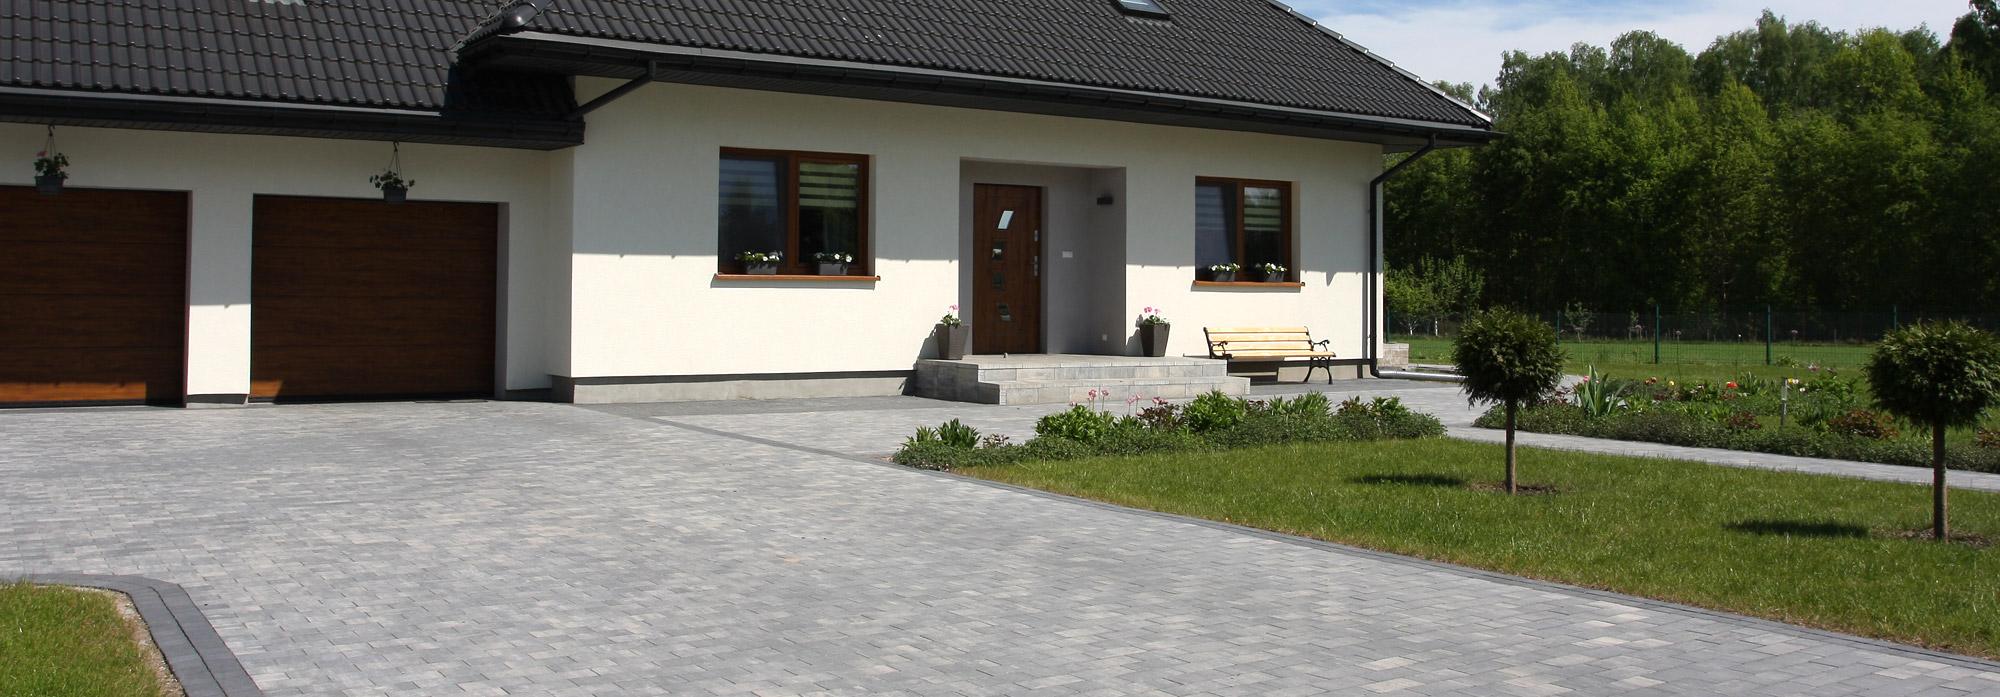 Budik Bruk - Układanie kostki brukowej   Białystok, Sokółka, Dąbrowa Białostocka